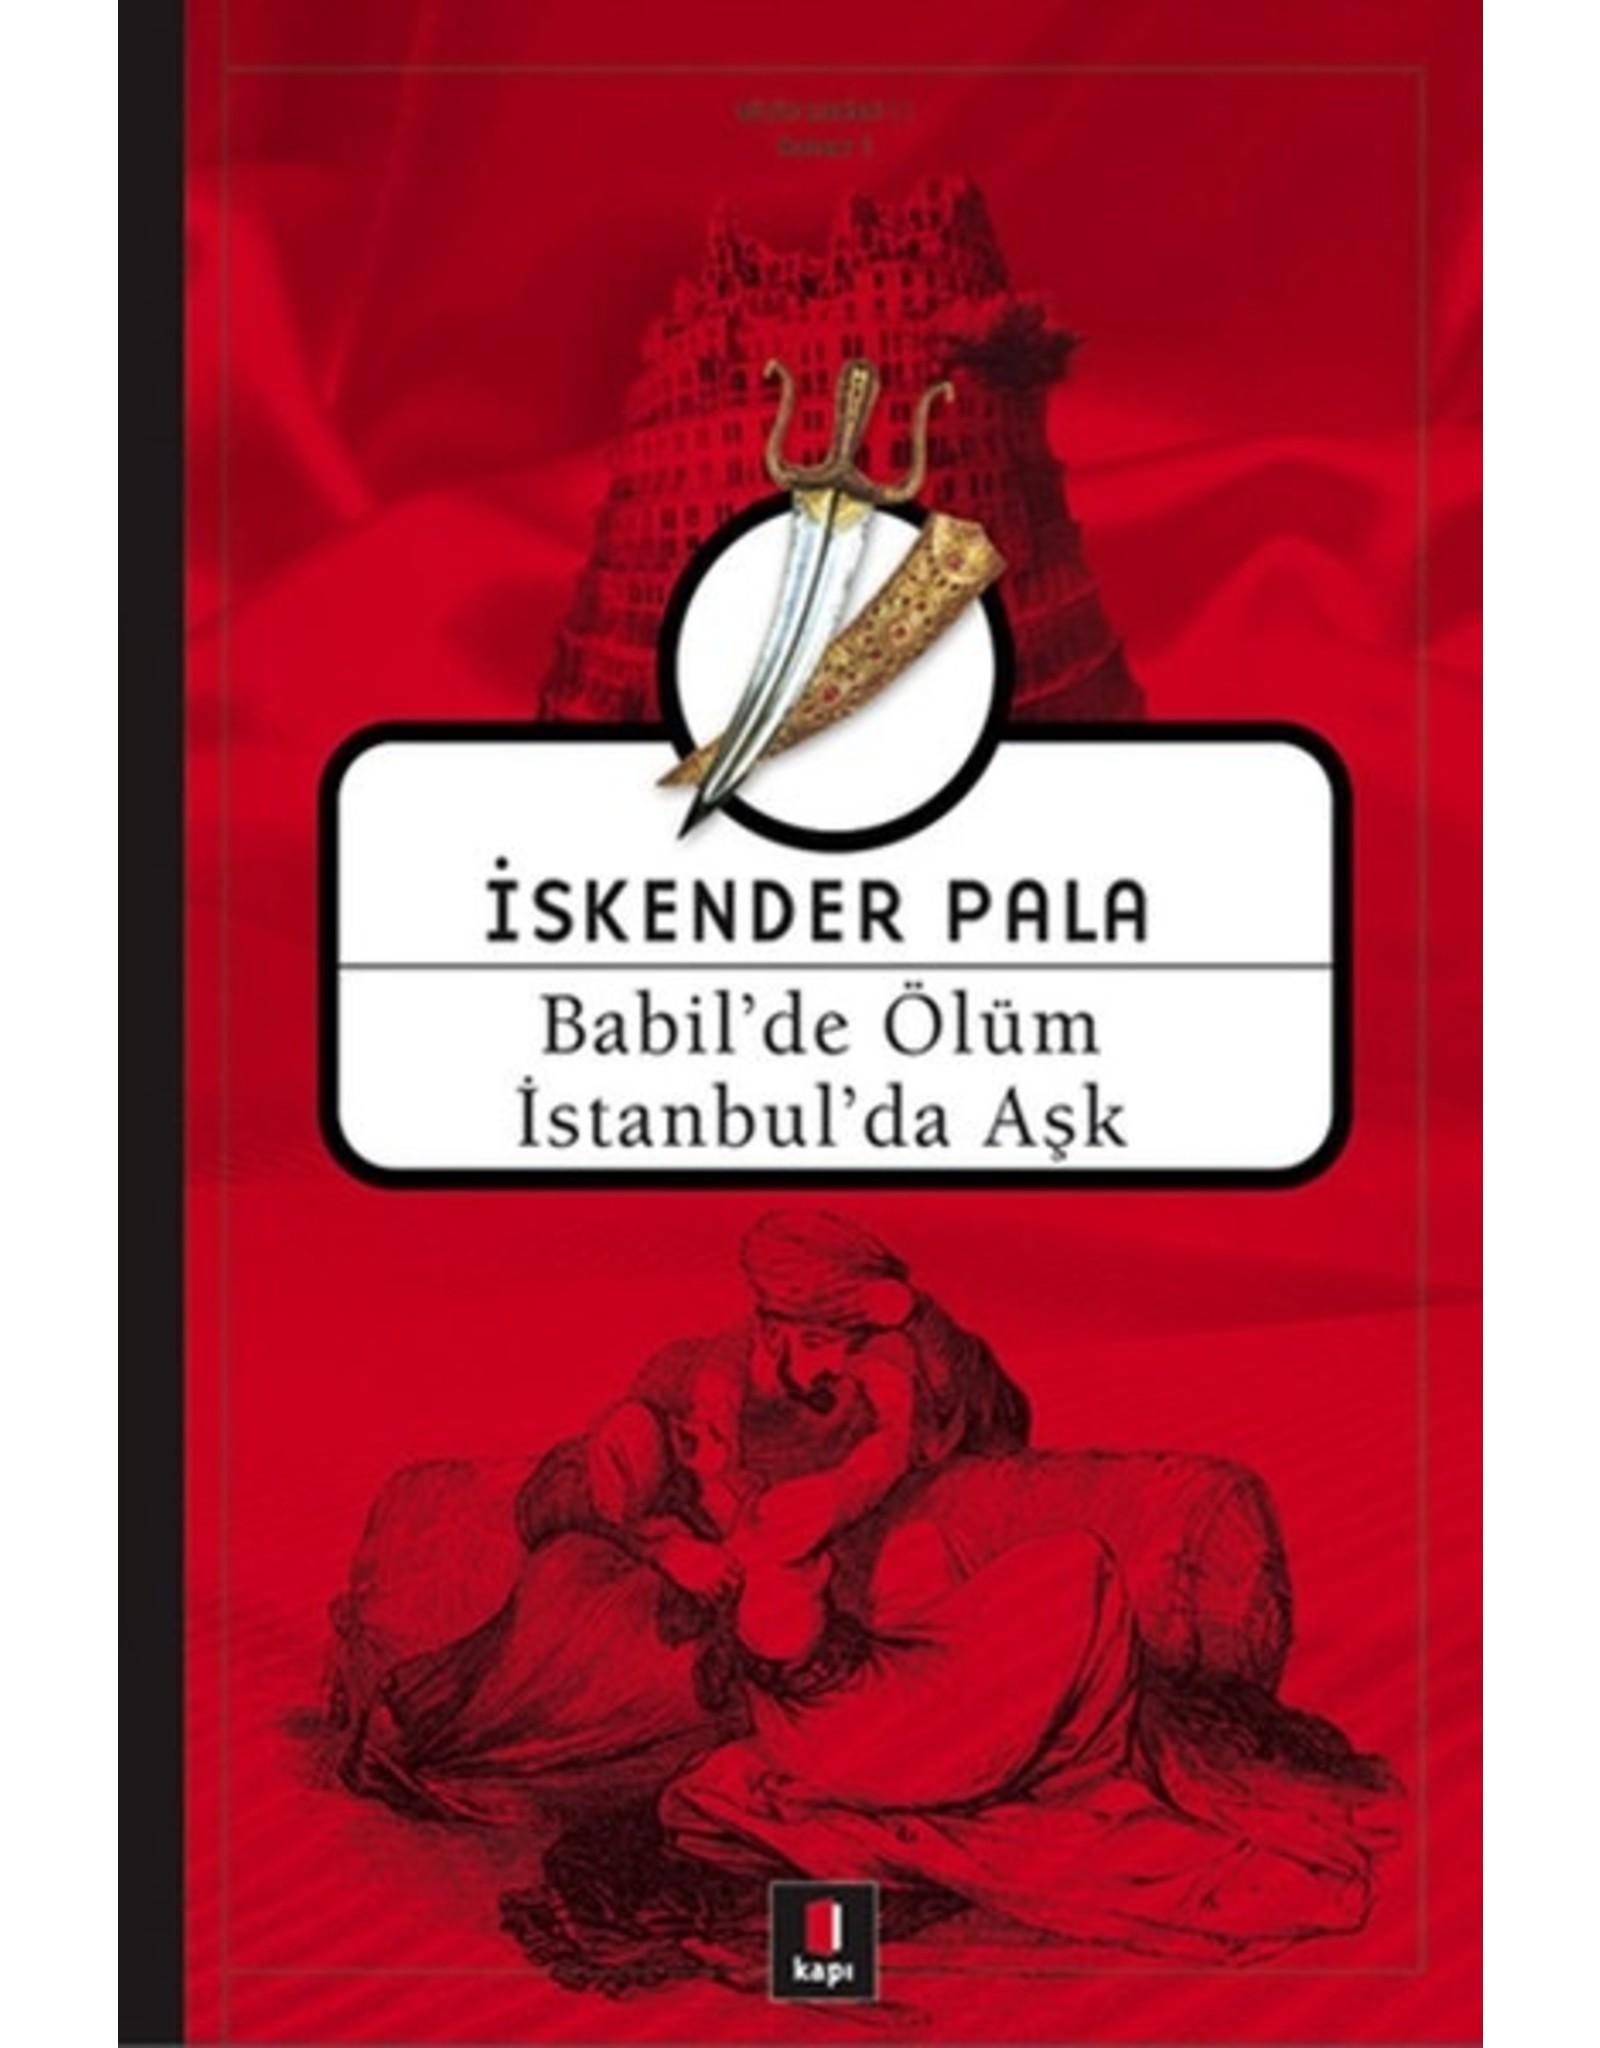 İskender Pala Babil'de Ölüm İstanbul'da Aşk